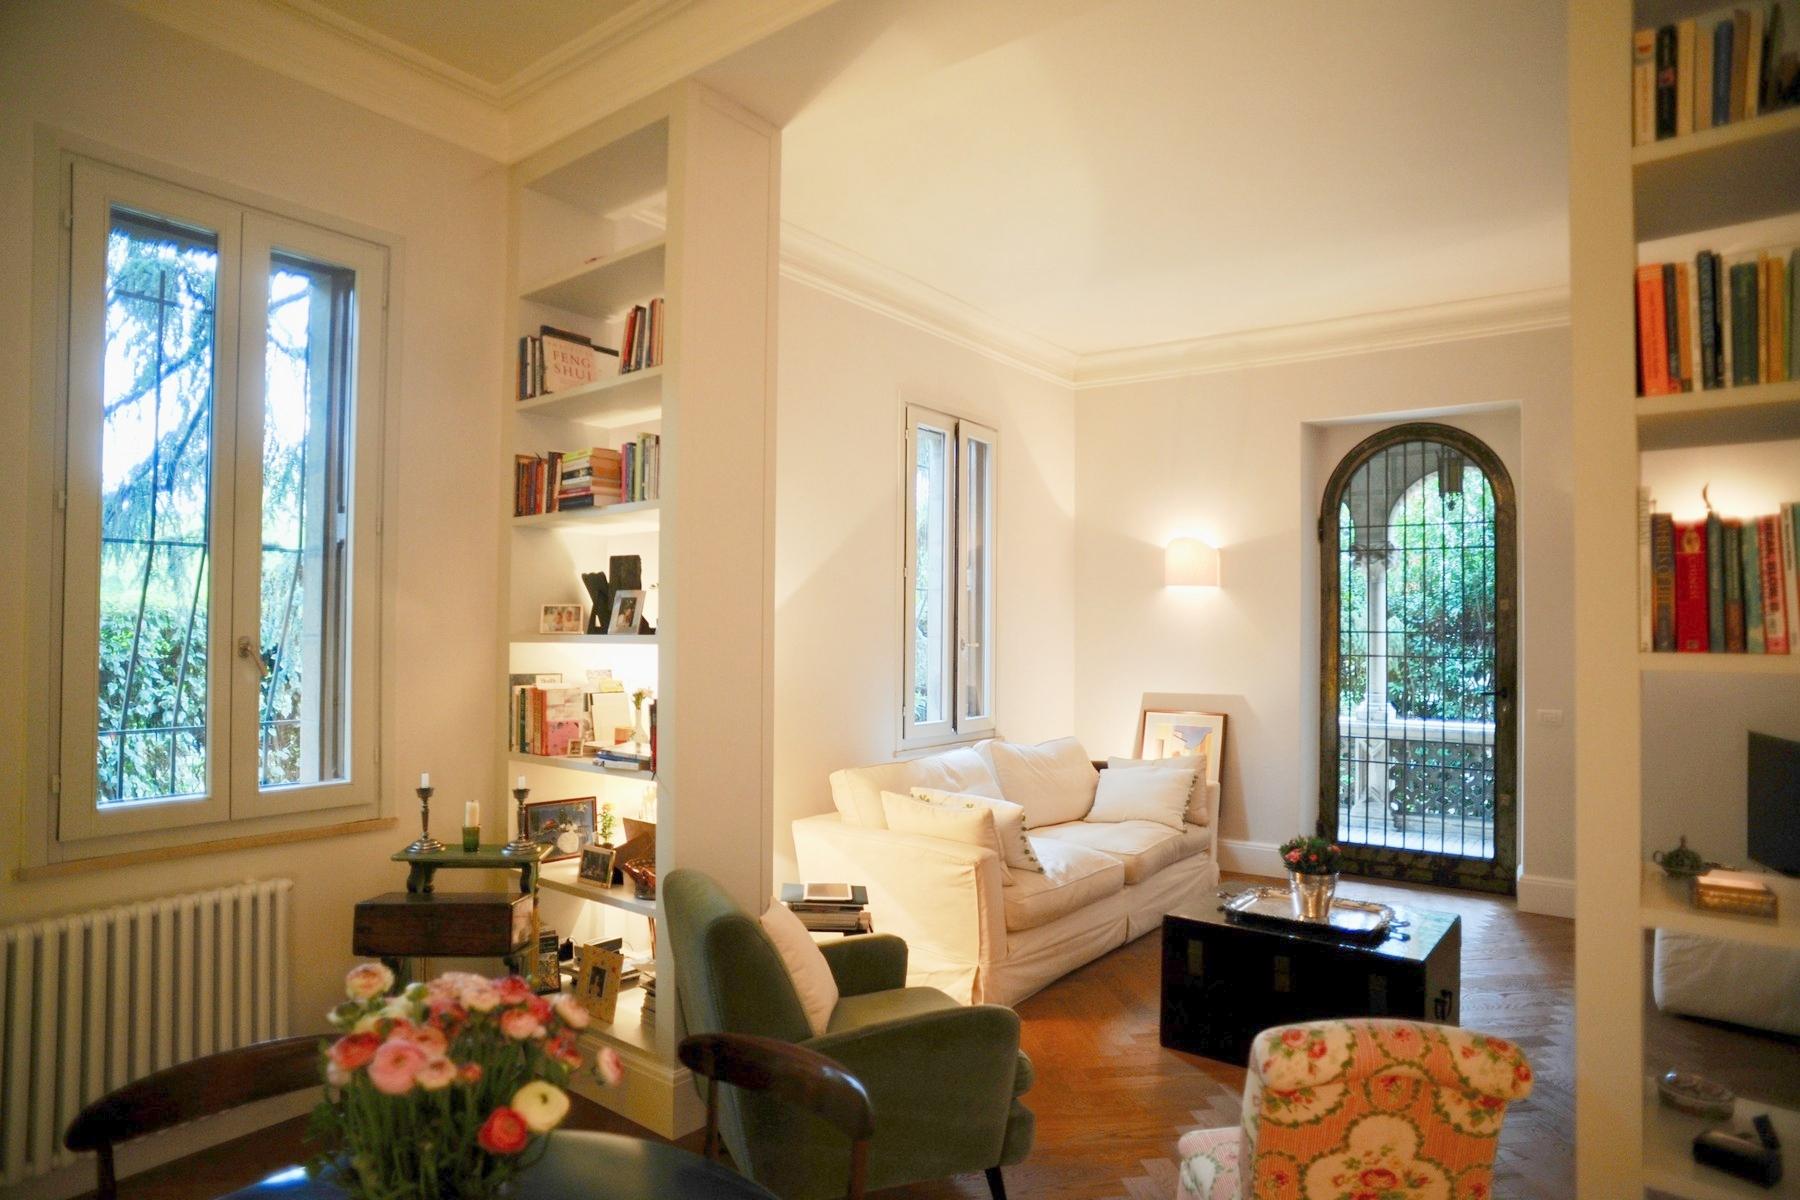 Appartamento in Vendita a Verona:  5 locali, 160 mq  - Foto 1